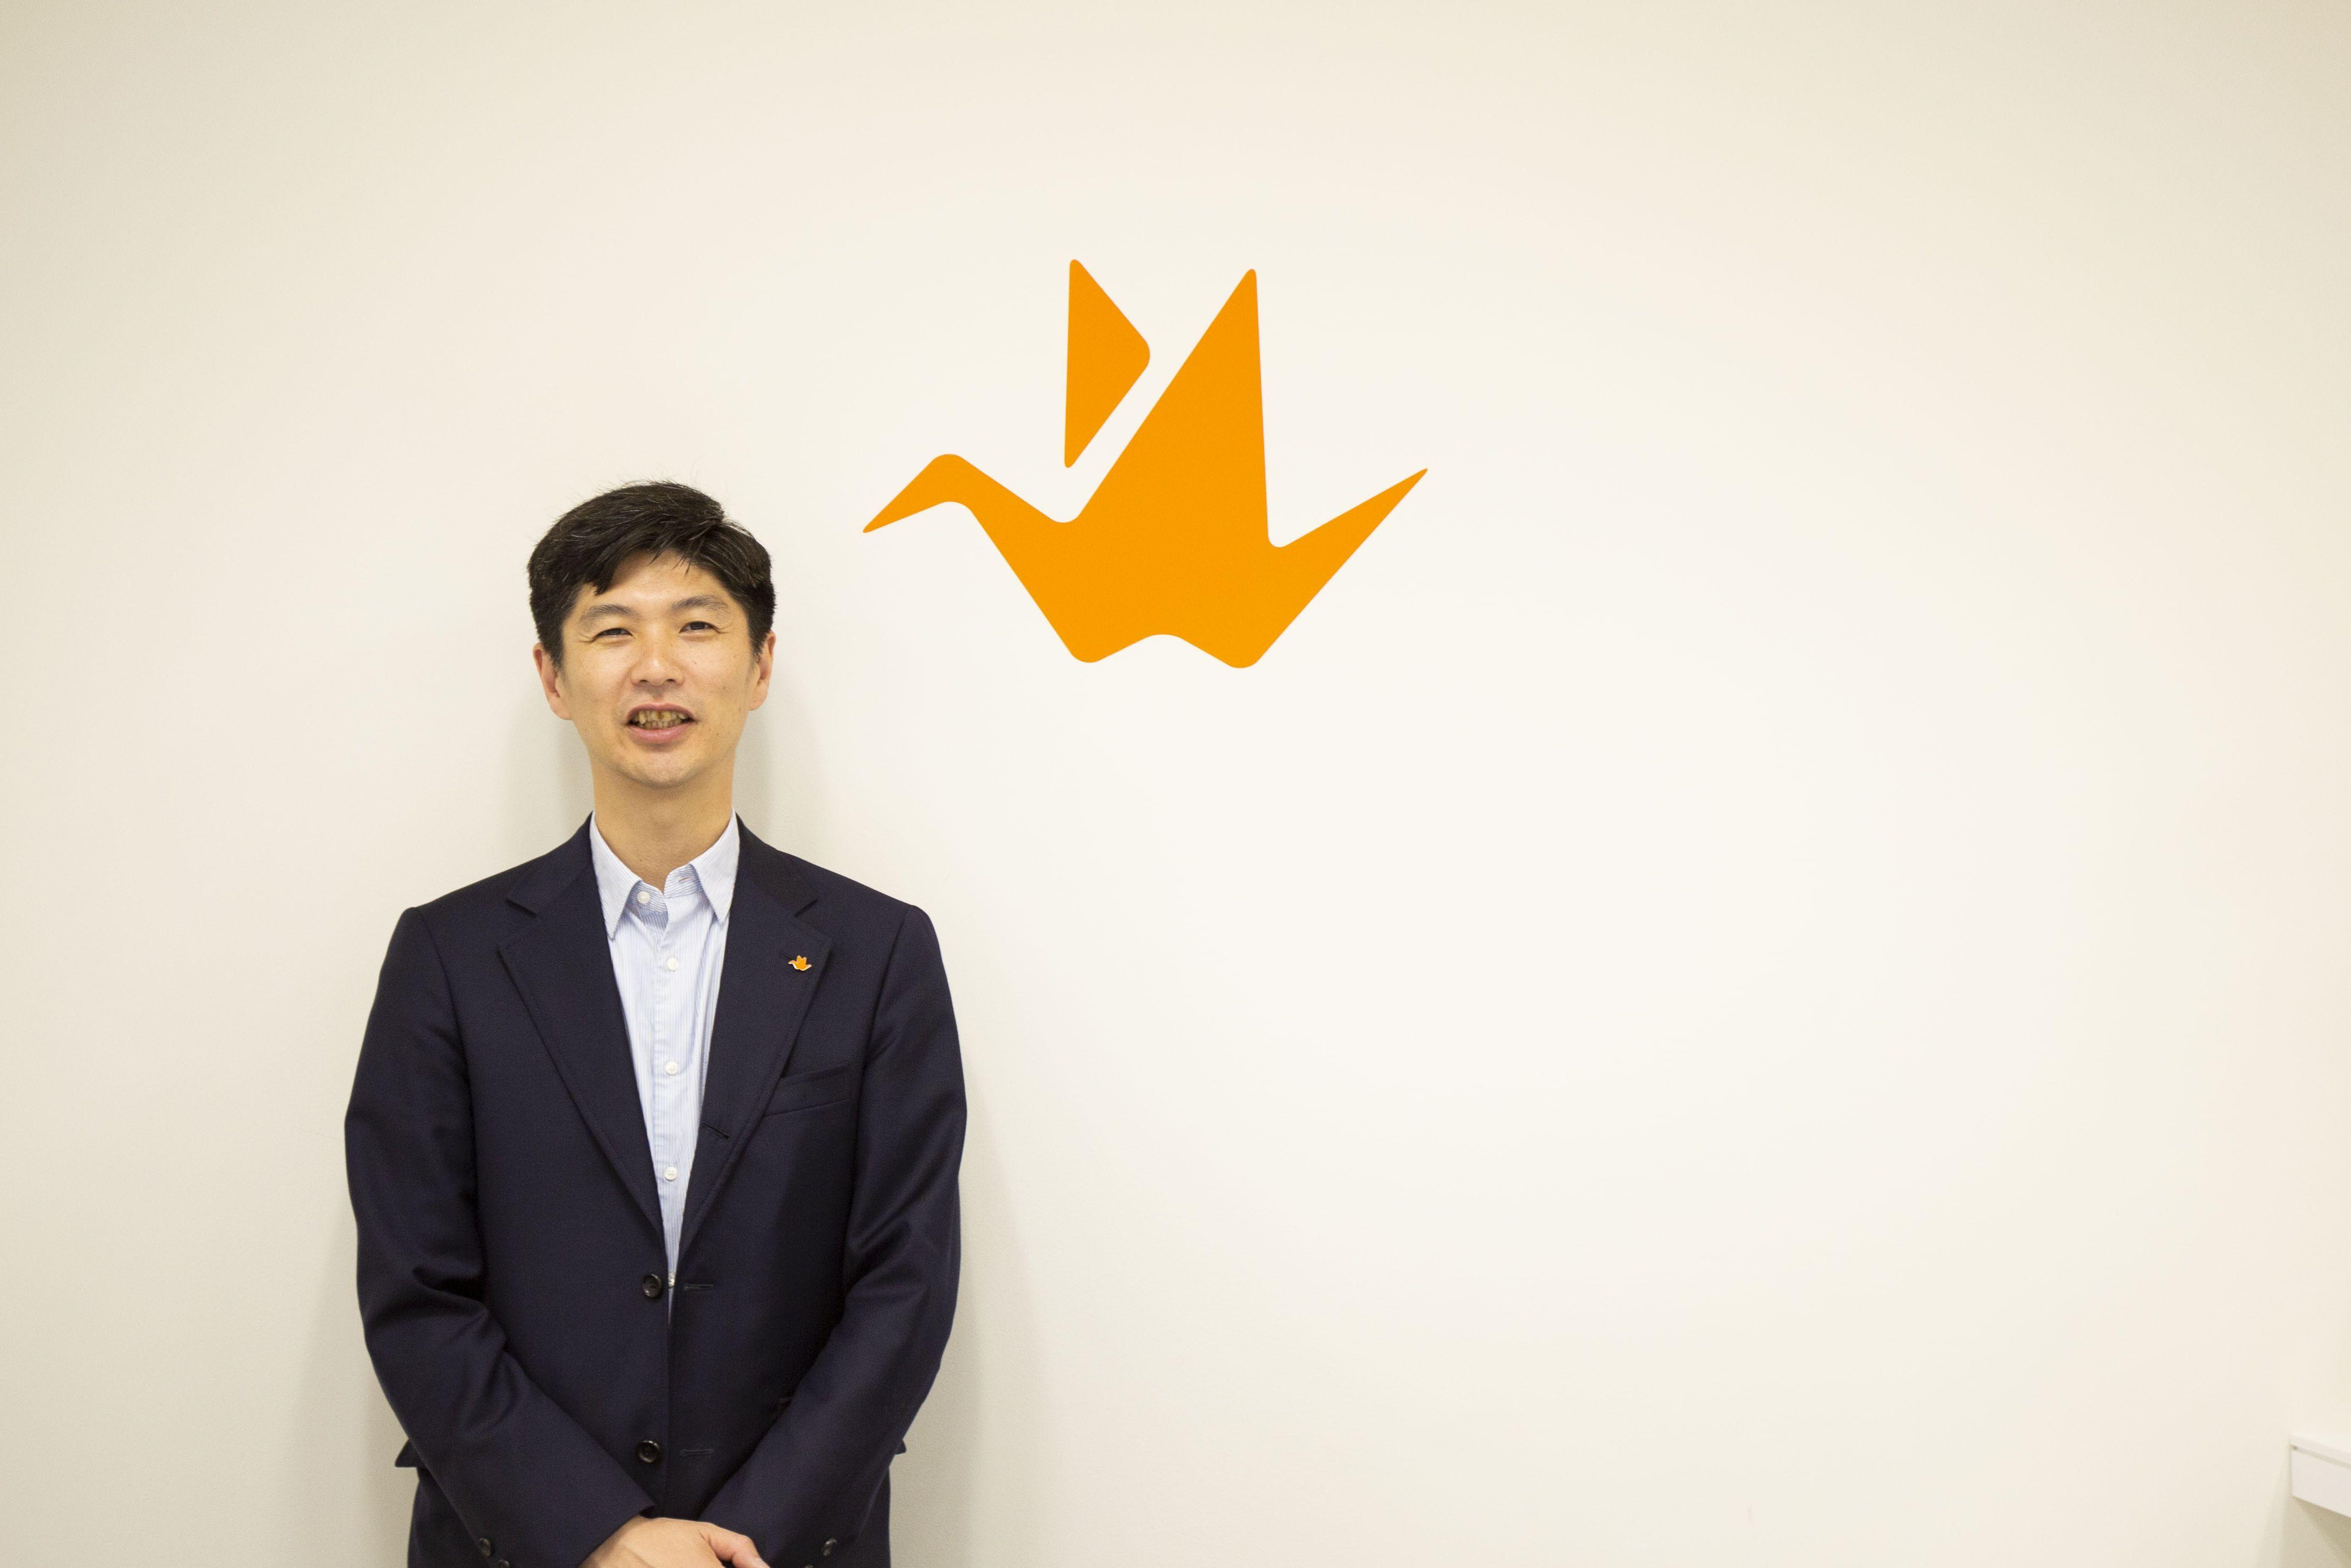 日本でも対応が加速する「キャッシュレス決済」のメリットとは?